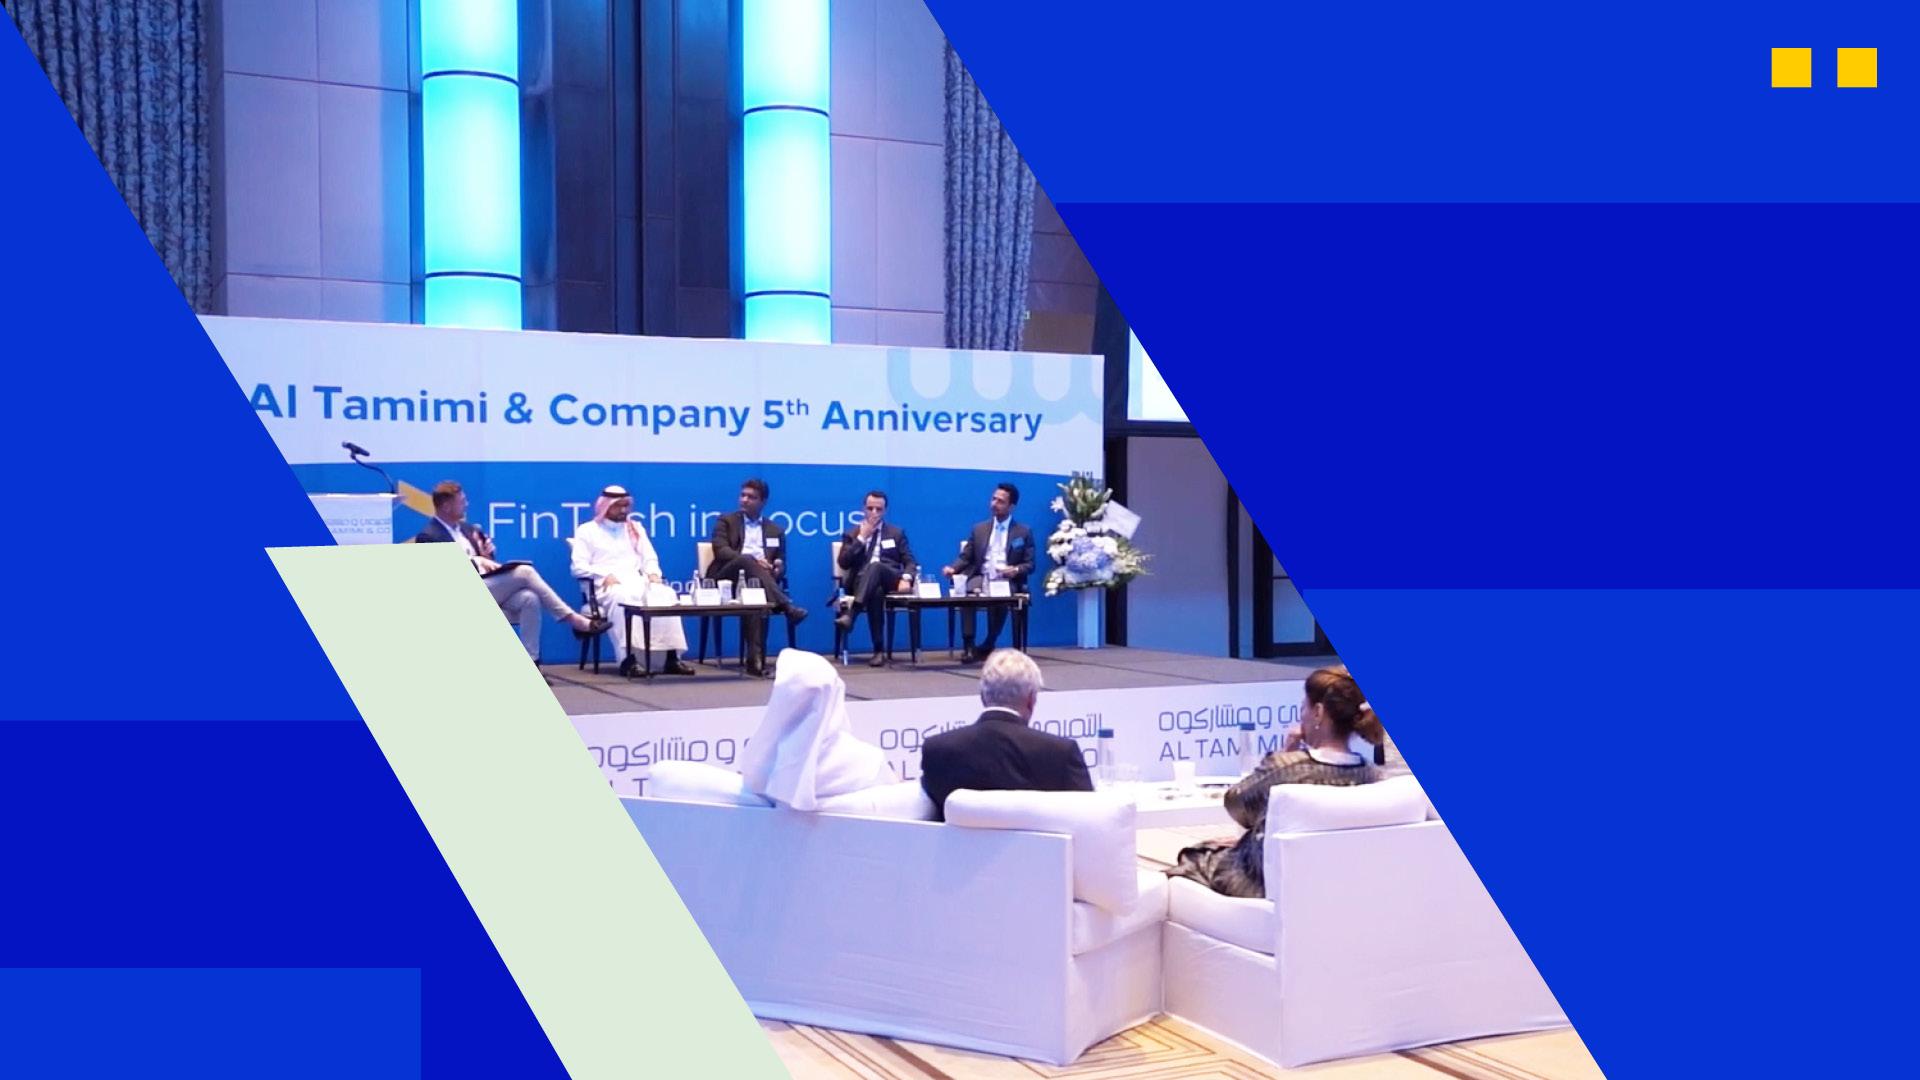 Al Tamimi & Company Bahrain 5th Anniversary – FinTech in Focus